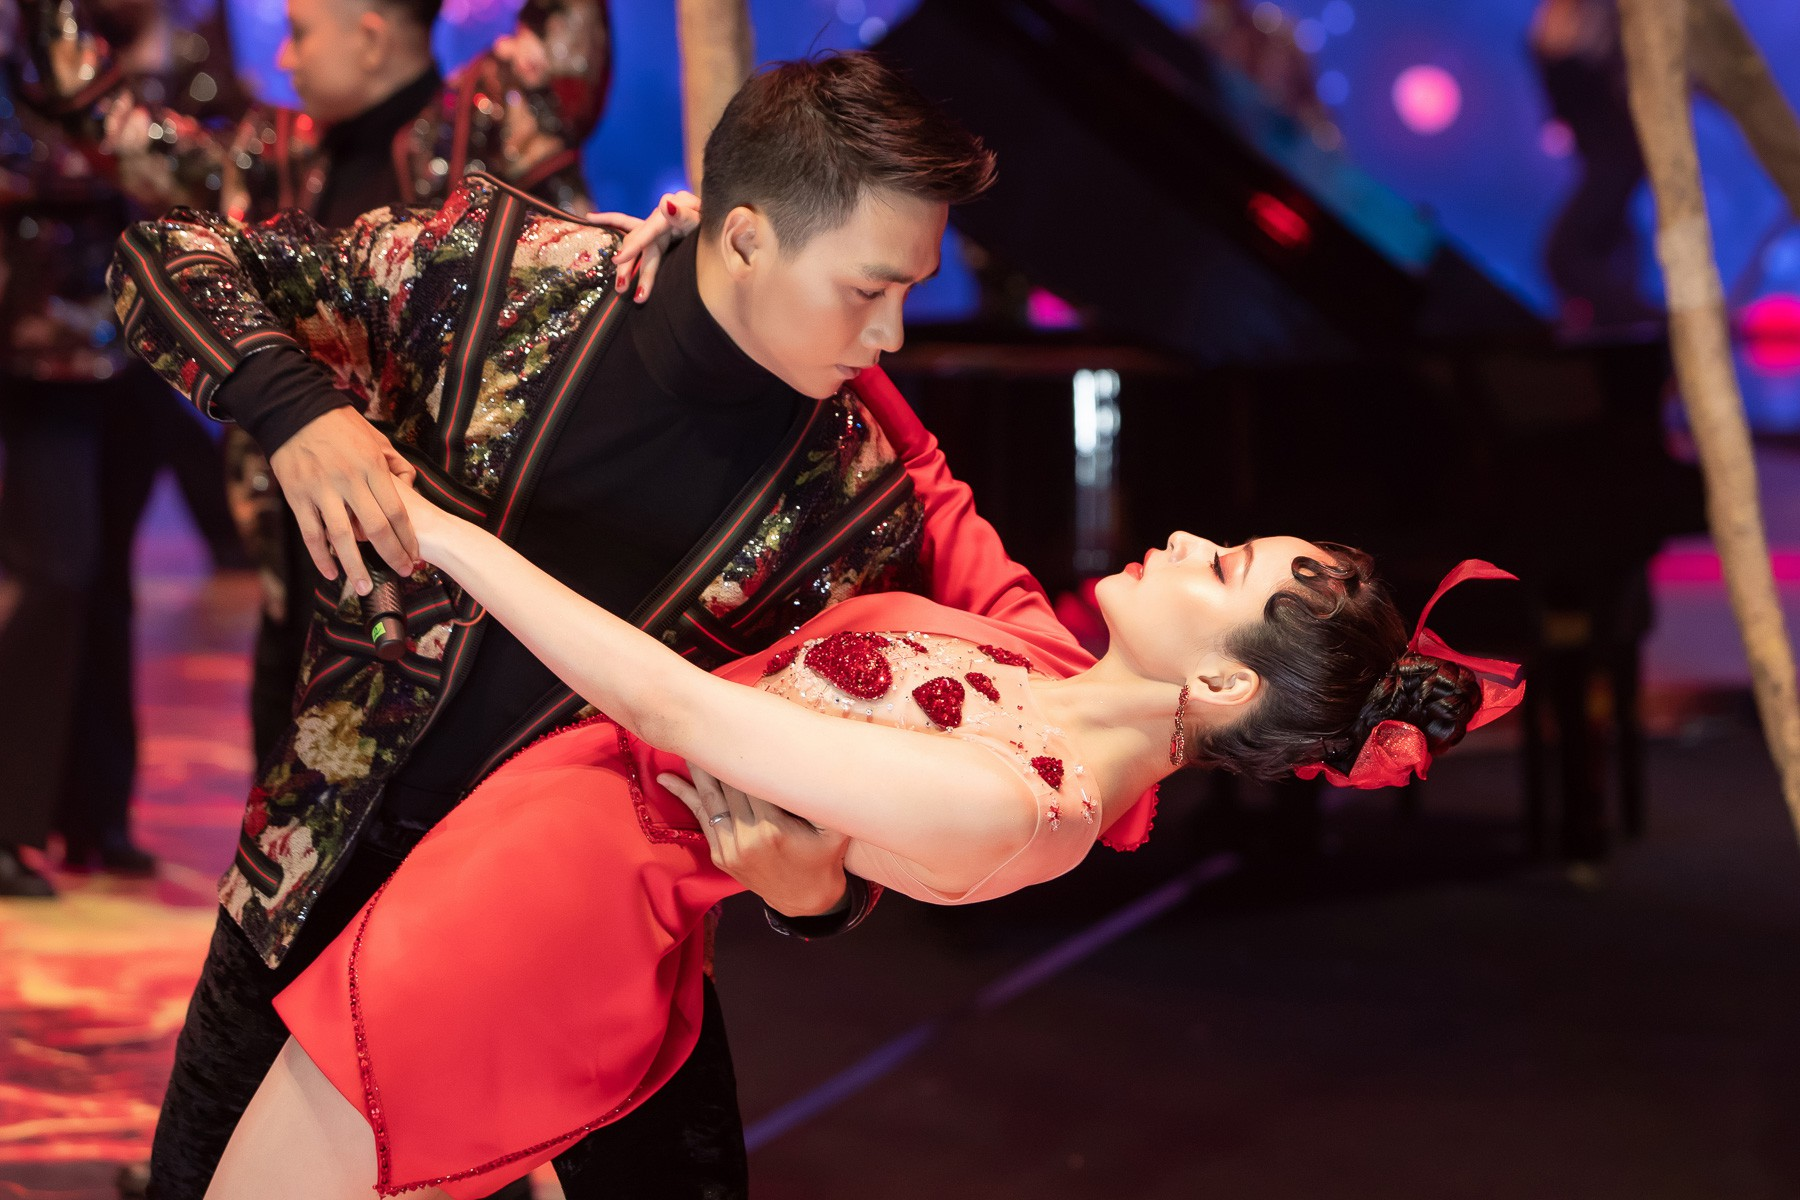 """Chi Pu làm mới """"Đóa hoa hồng"""" bằng phong cách dàn nhạc, không biểu diễn vũ đạo kỳ lạ - Ảnh 2."""